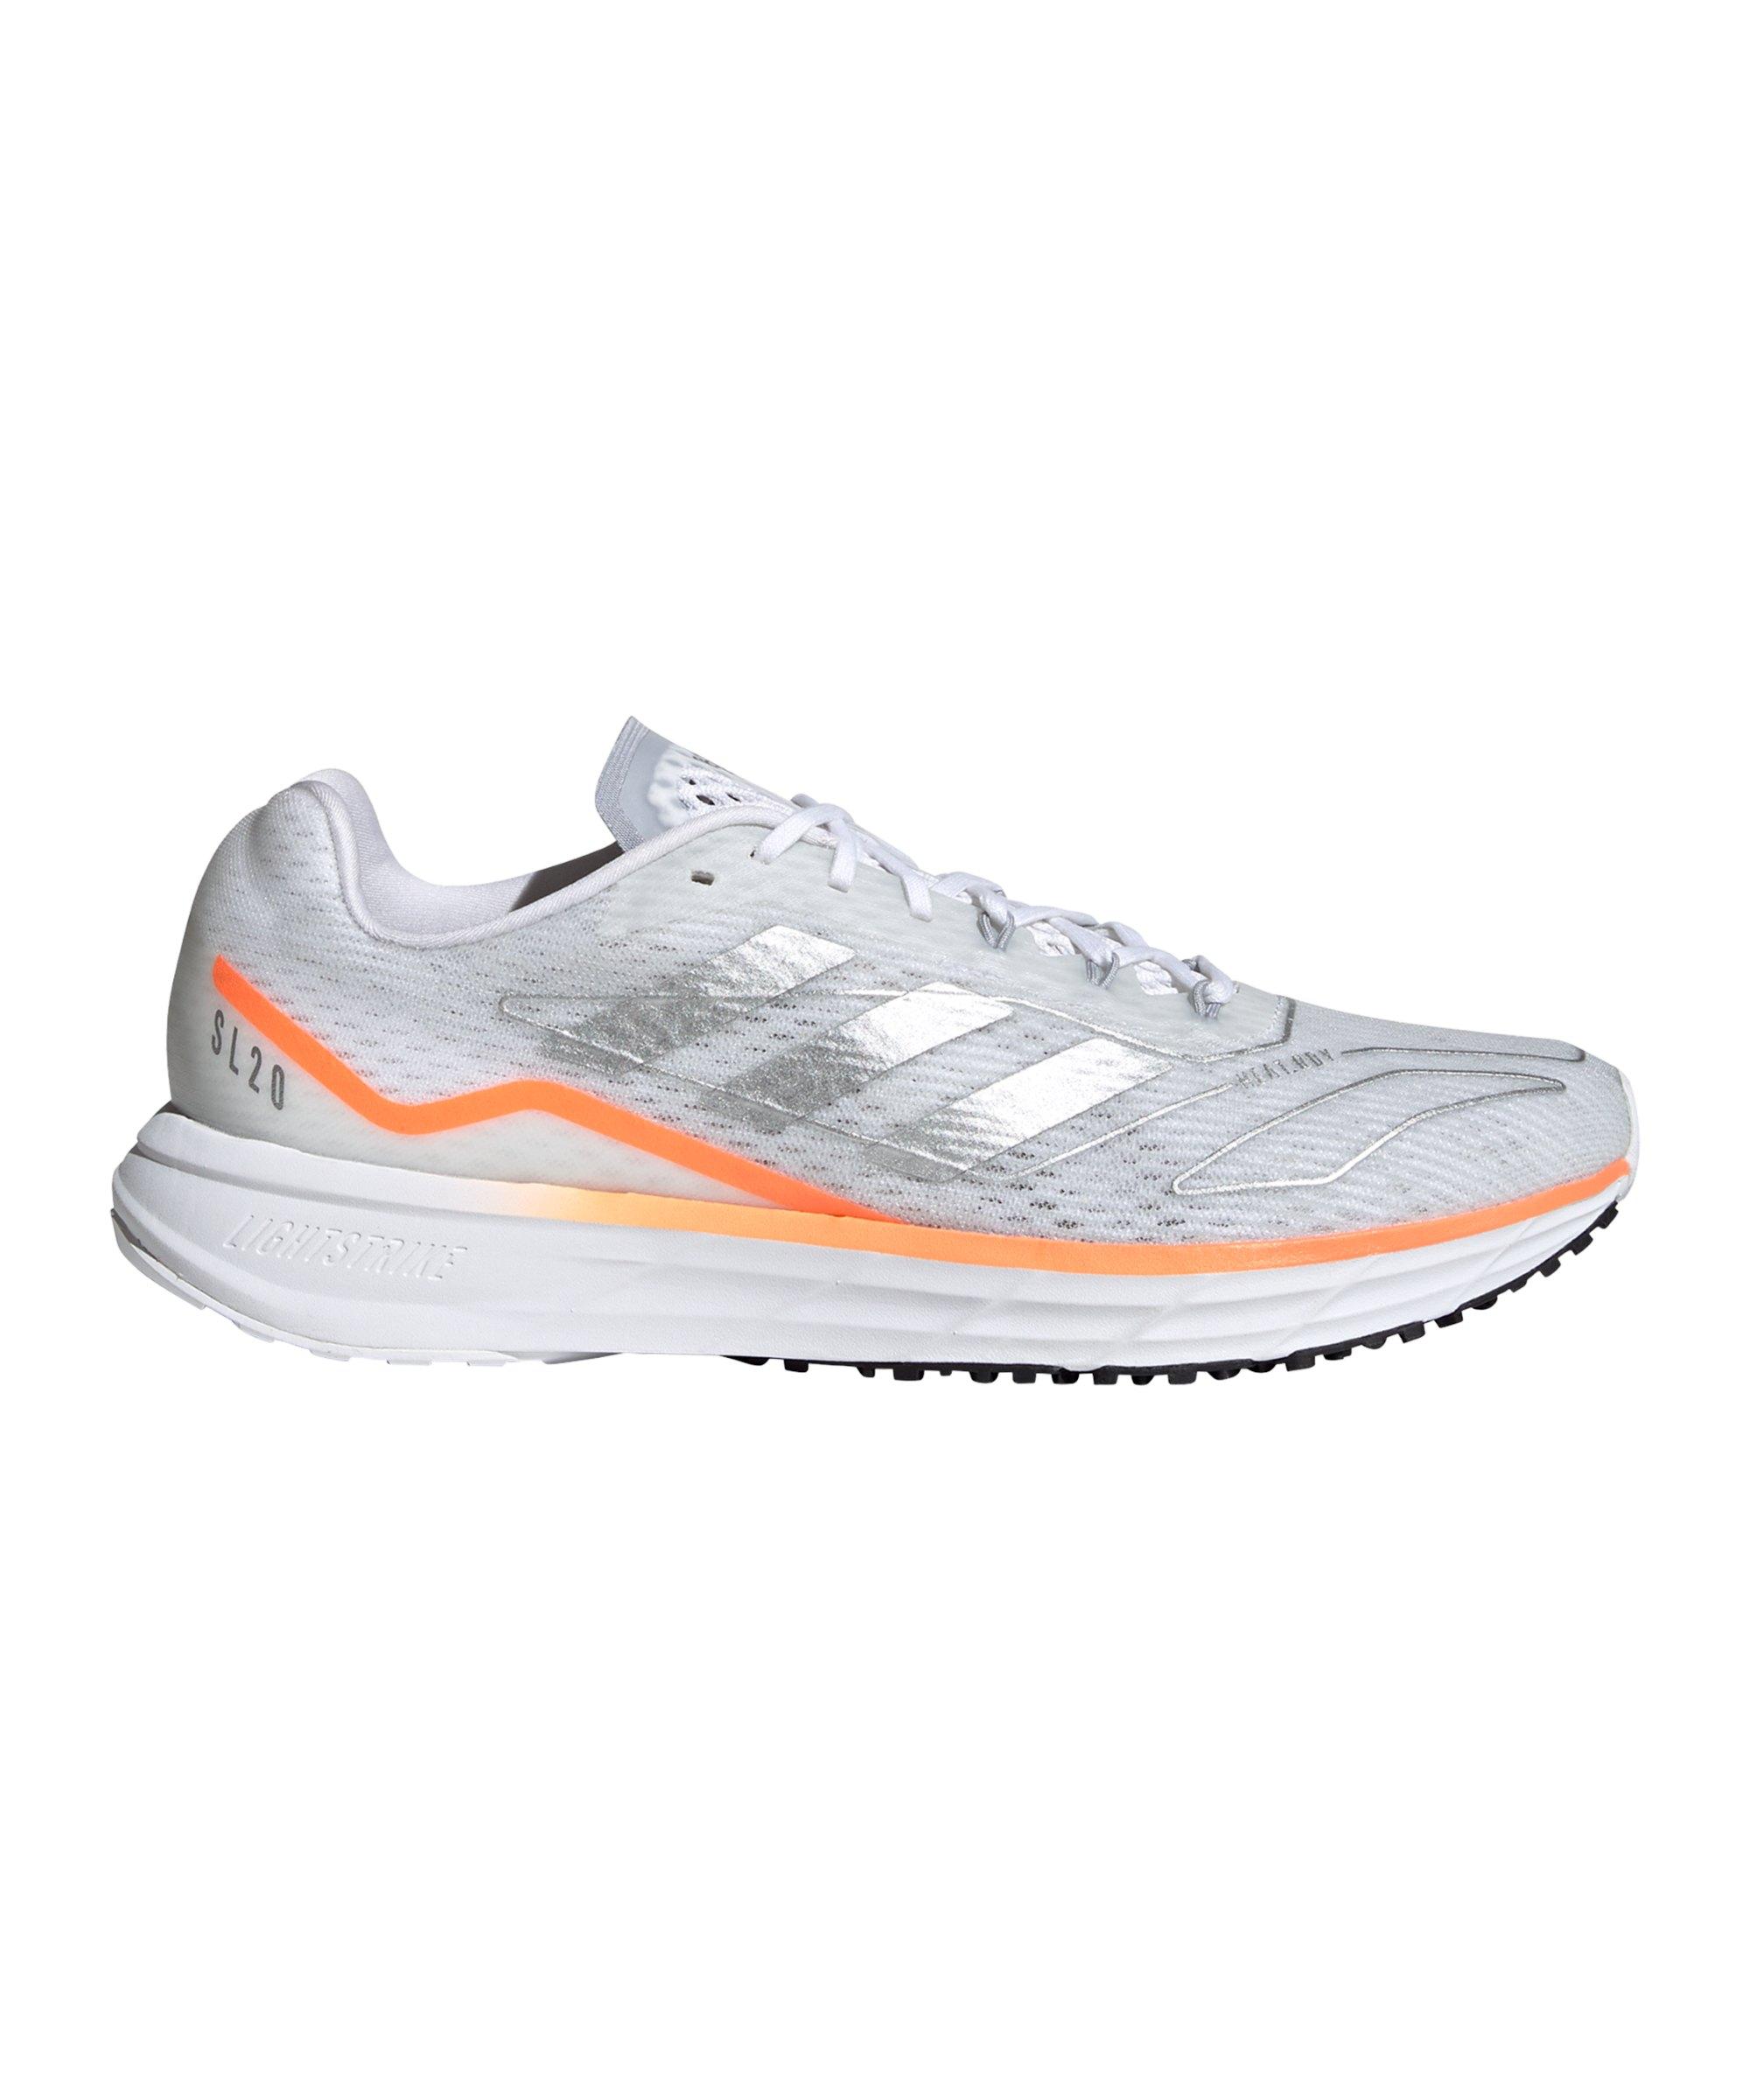 adidas SL20.2 Summer.READY Running Weiss Orange - weiss